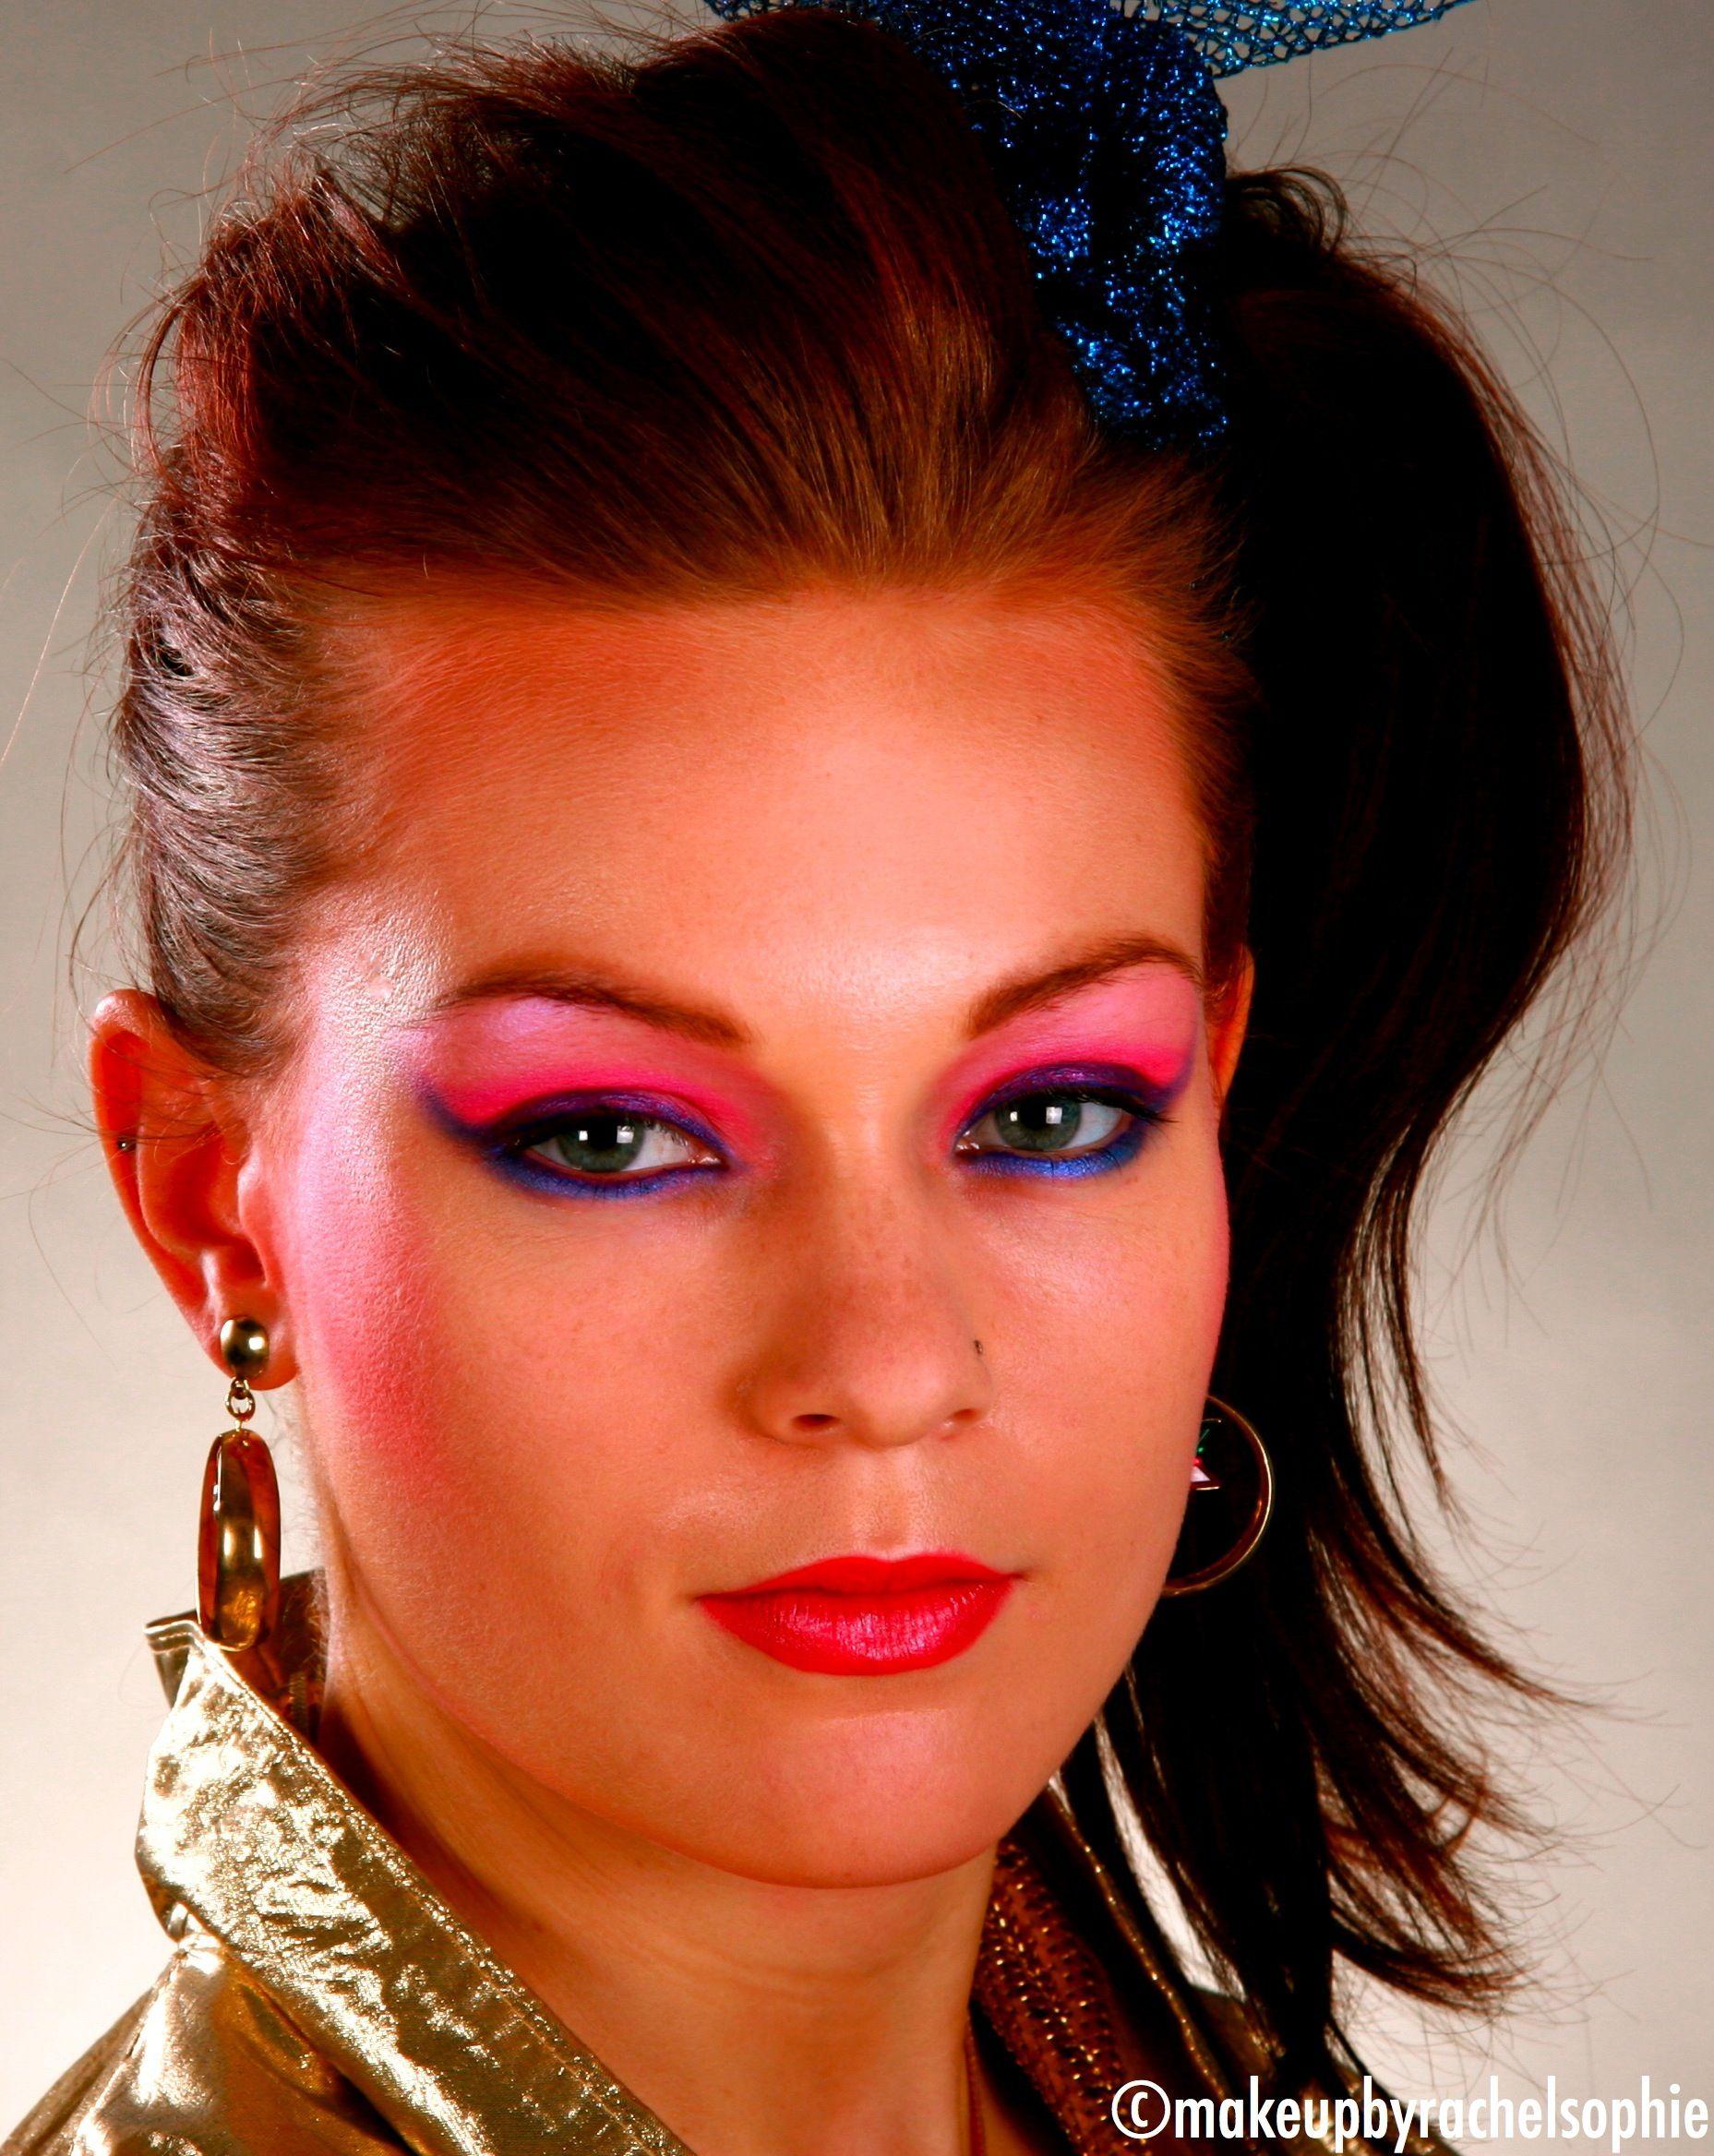 1980's. Makeup by Rachel Sophie Costume & Halloween